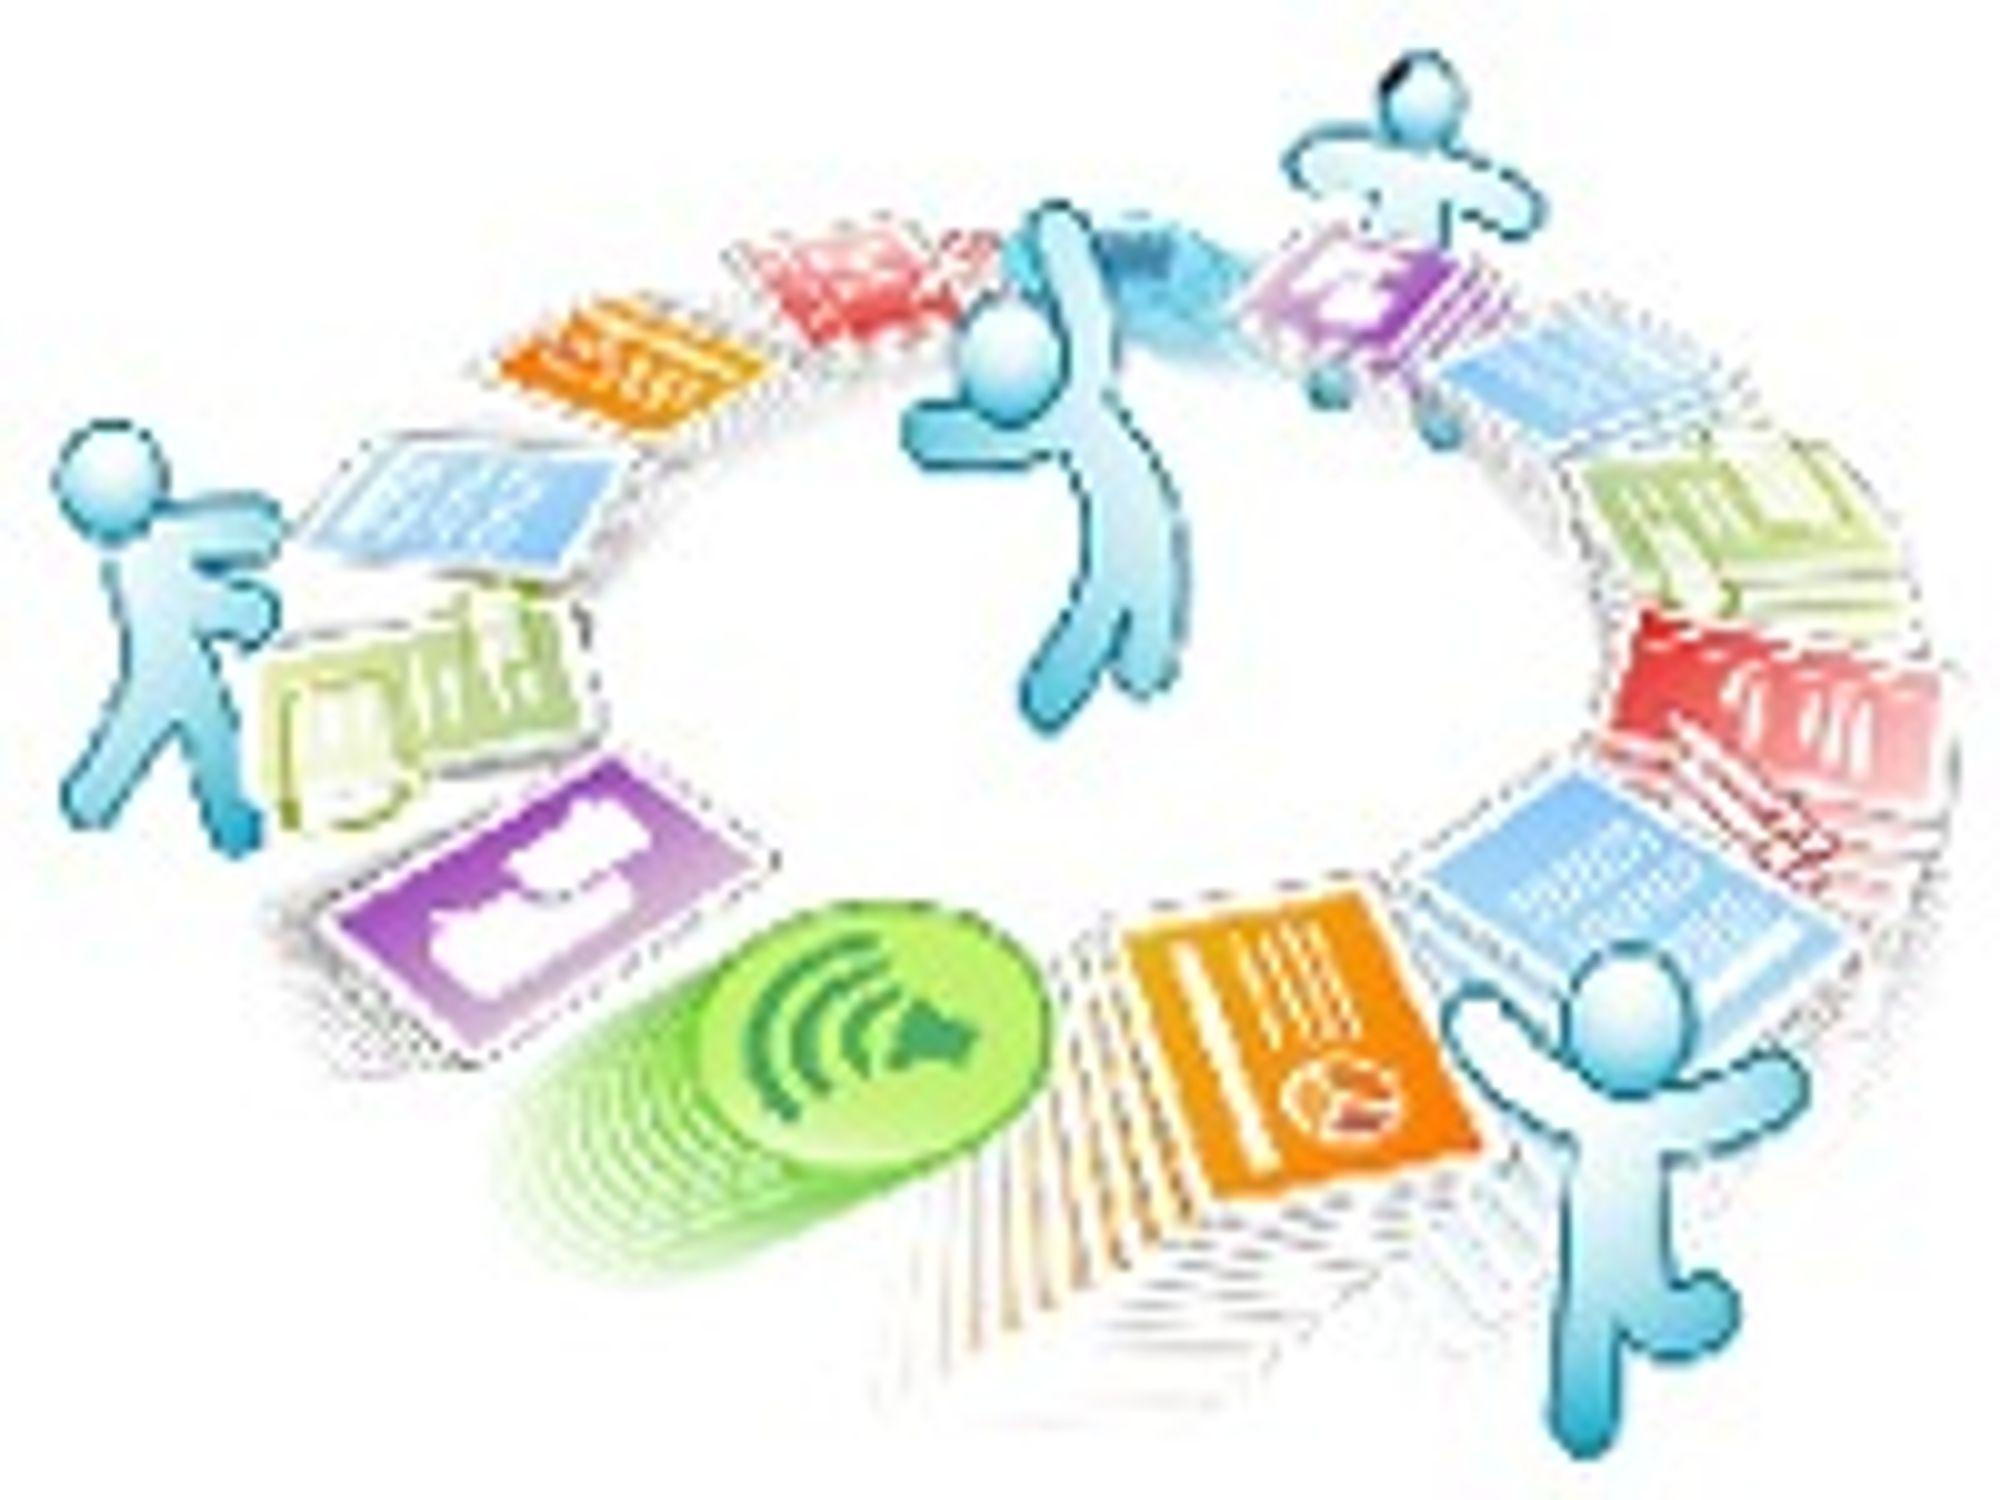 Flere skal samarbeide om å lage et dokument. Et dokument behøver ikke nødvendigvis være skapt i bare et tekstverktøy, et regneark eller et presentasjonsprogram.